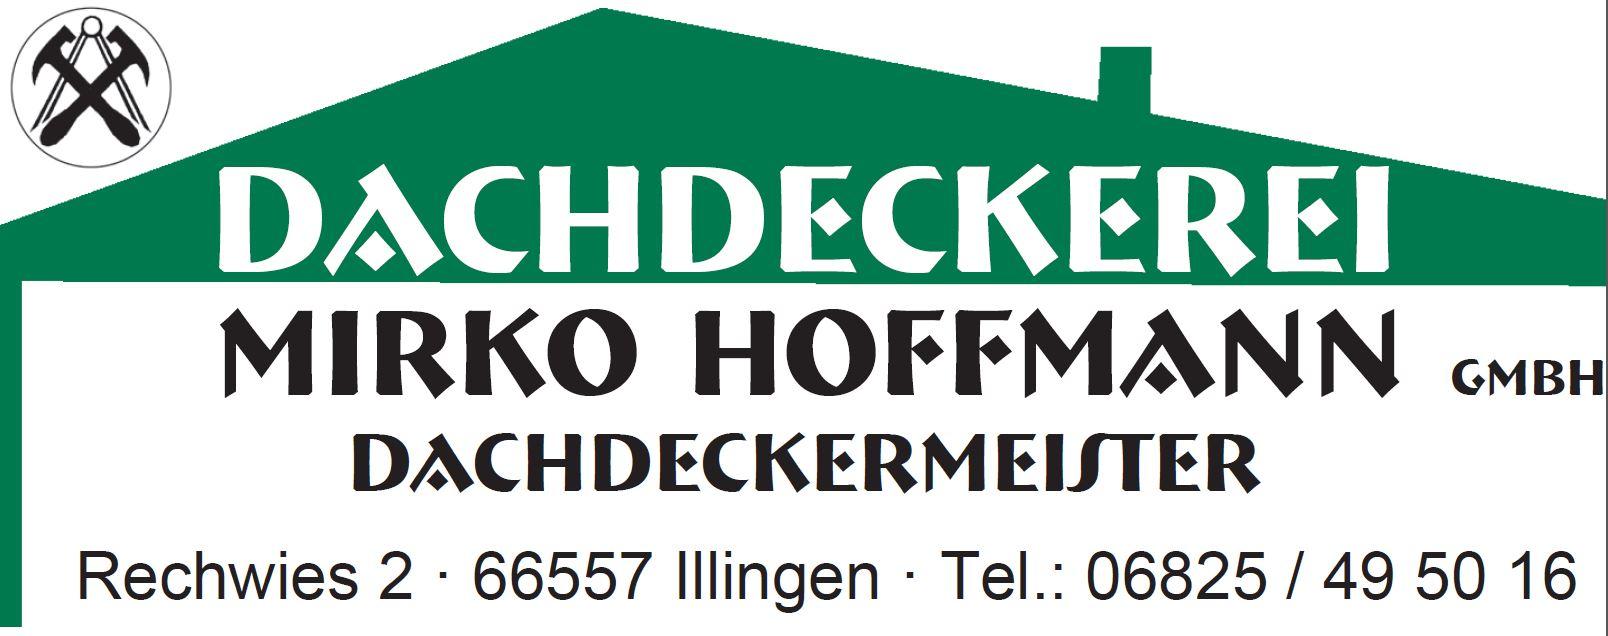 Hoffmann Mirko Dachdecker